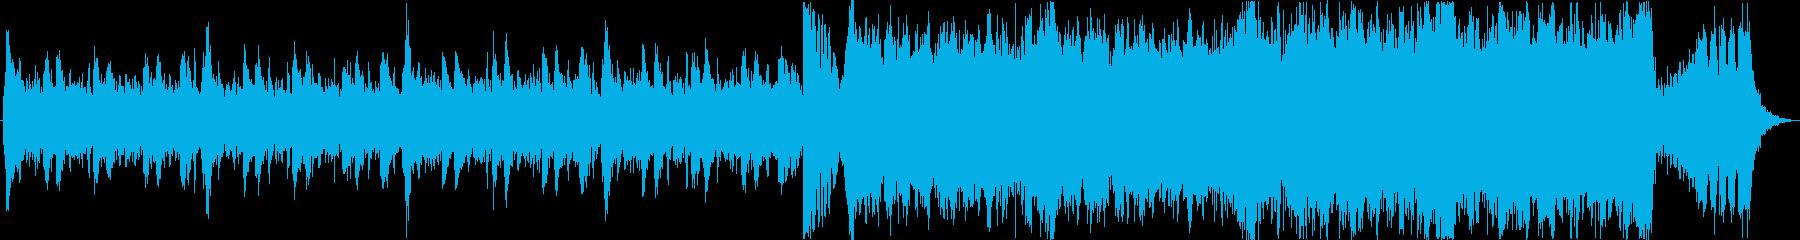 壮大なハリウッド風エピックトレーラーaの再生済みの波形